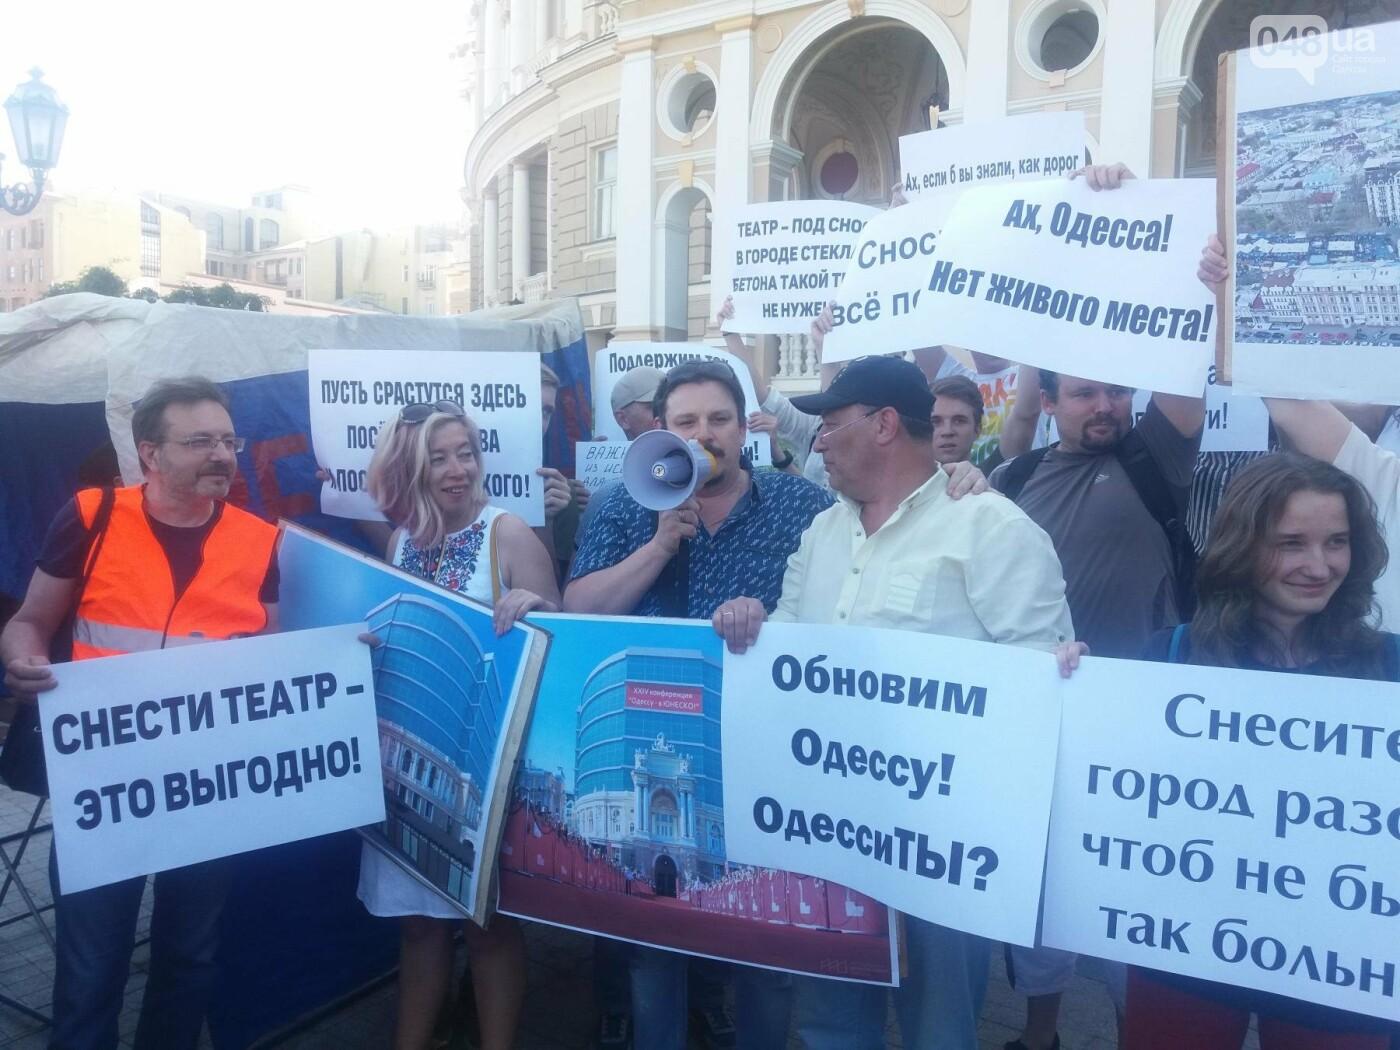 В Одессе требовали снести оперный театр и построить торговый центр, - ФОТО, ВИДЕО, фото-7